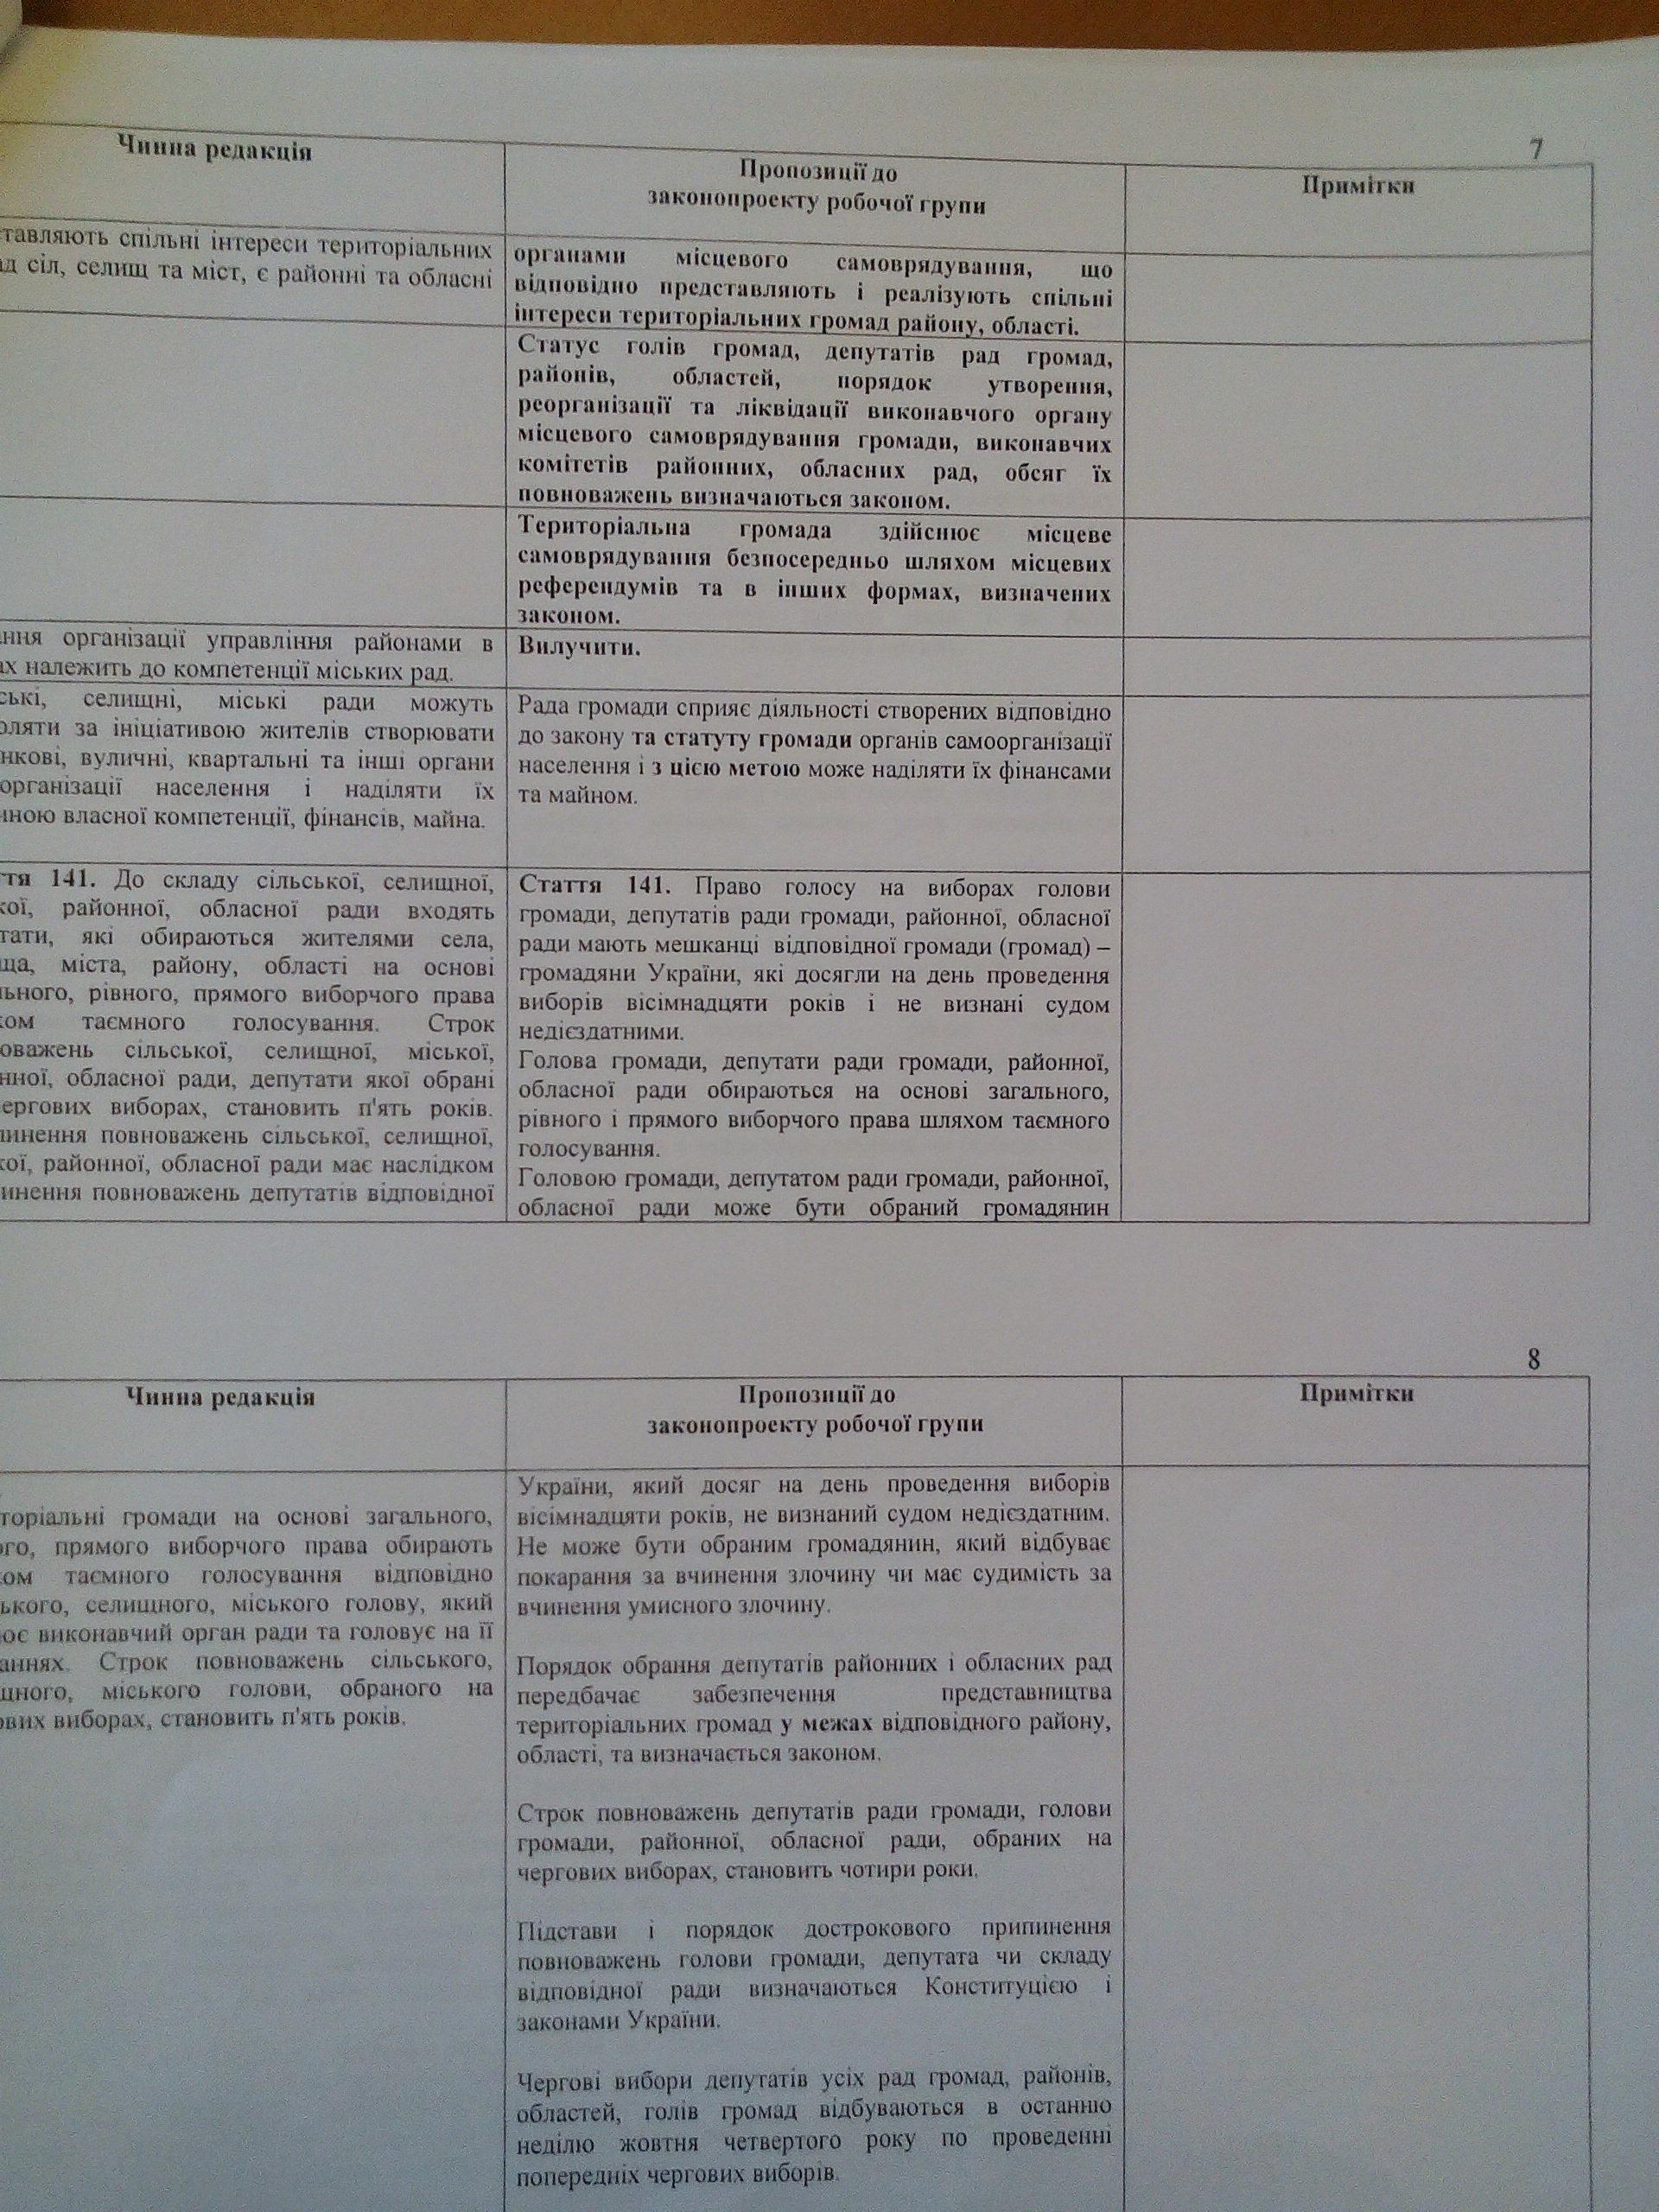 У Конституційній комісії пропонують узаконити місцеві референдуми - фото 1